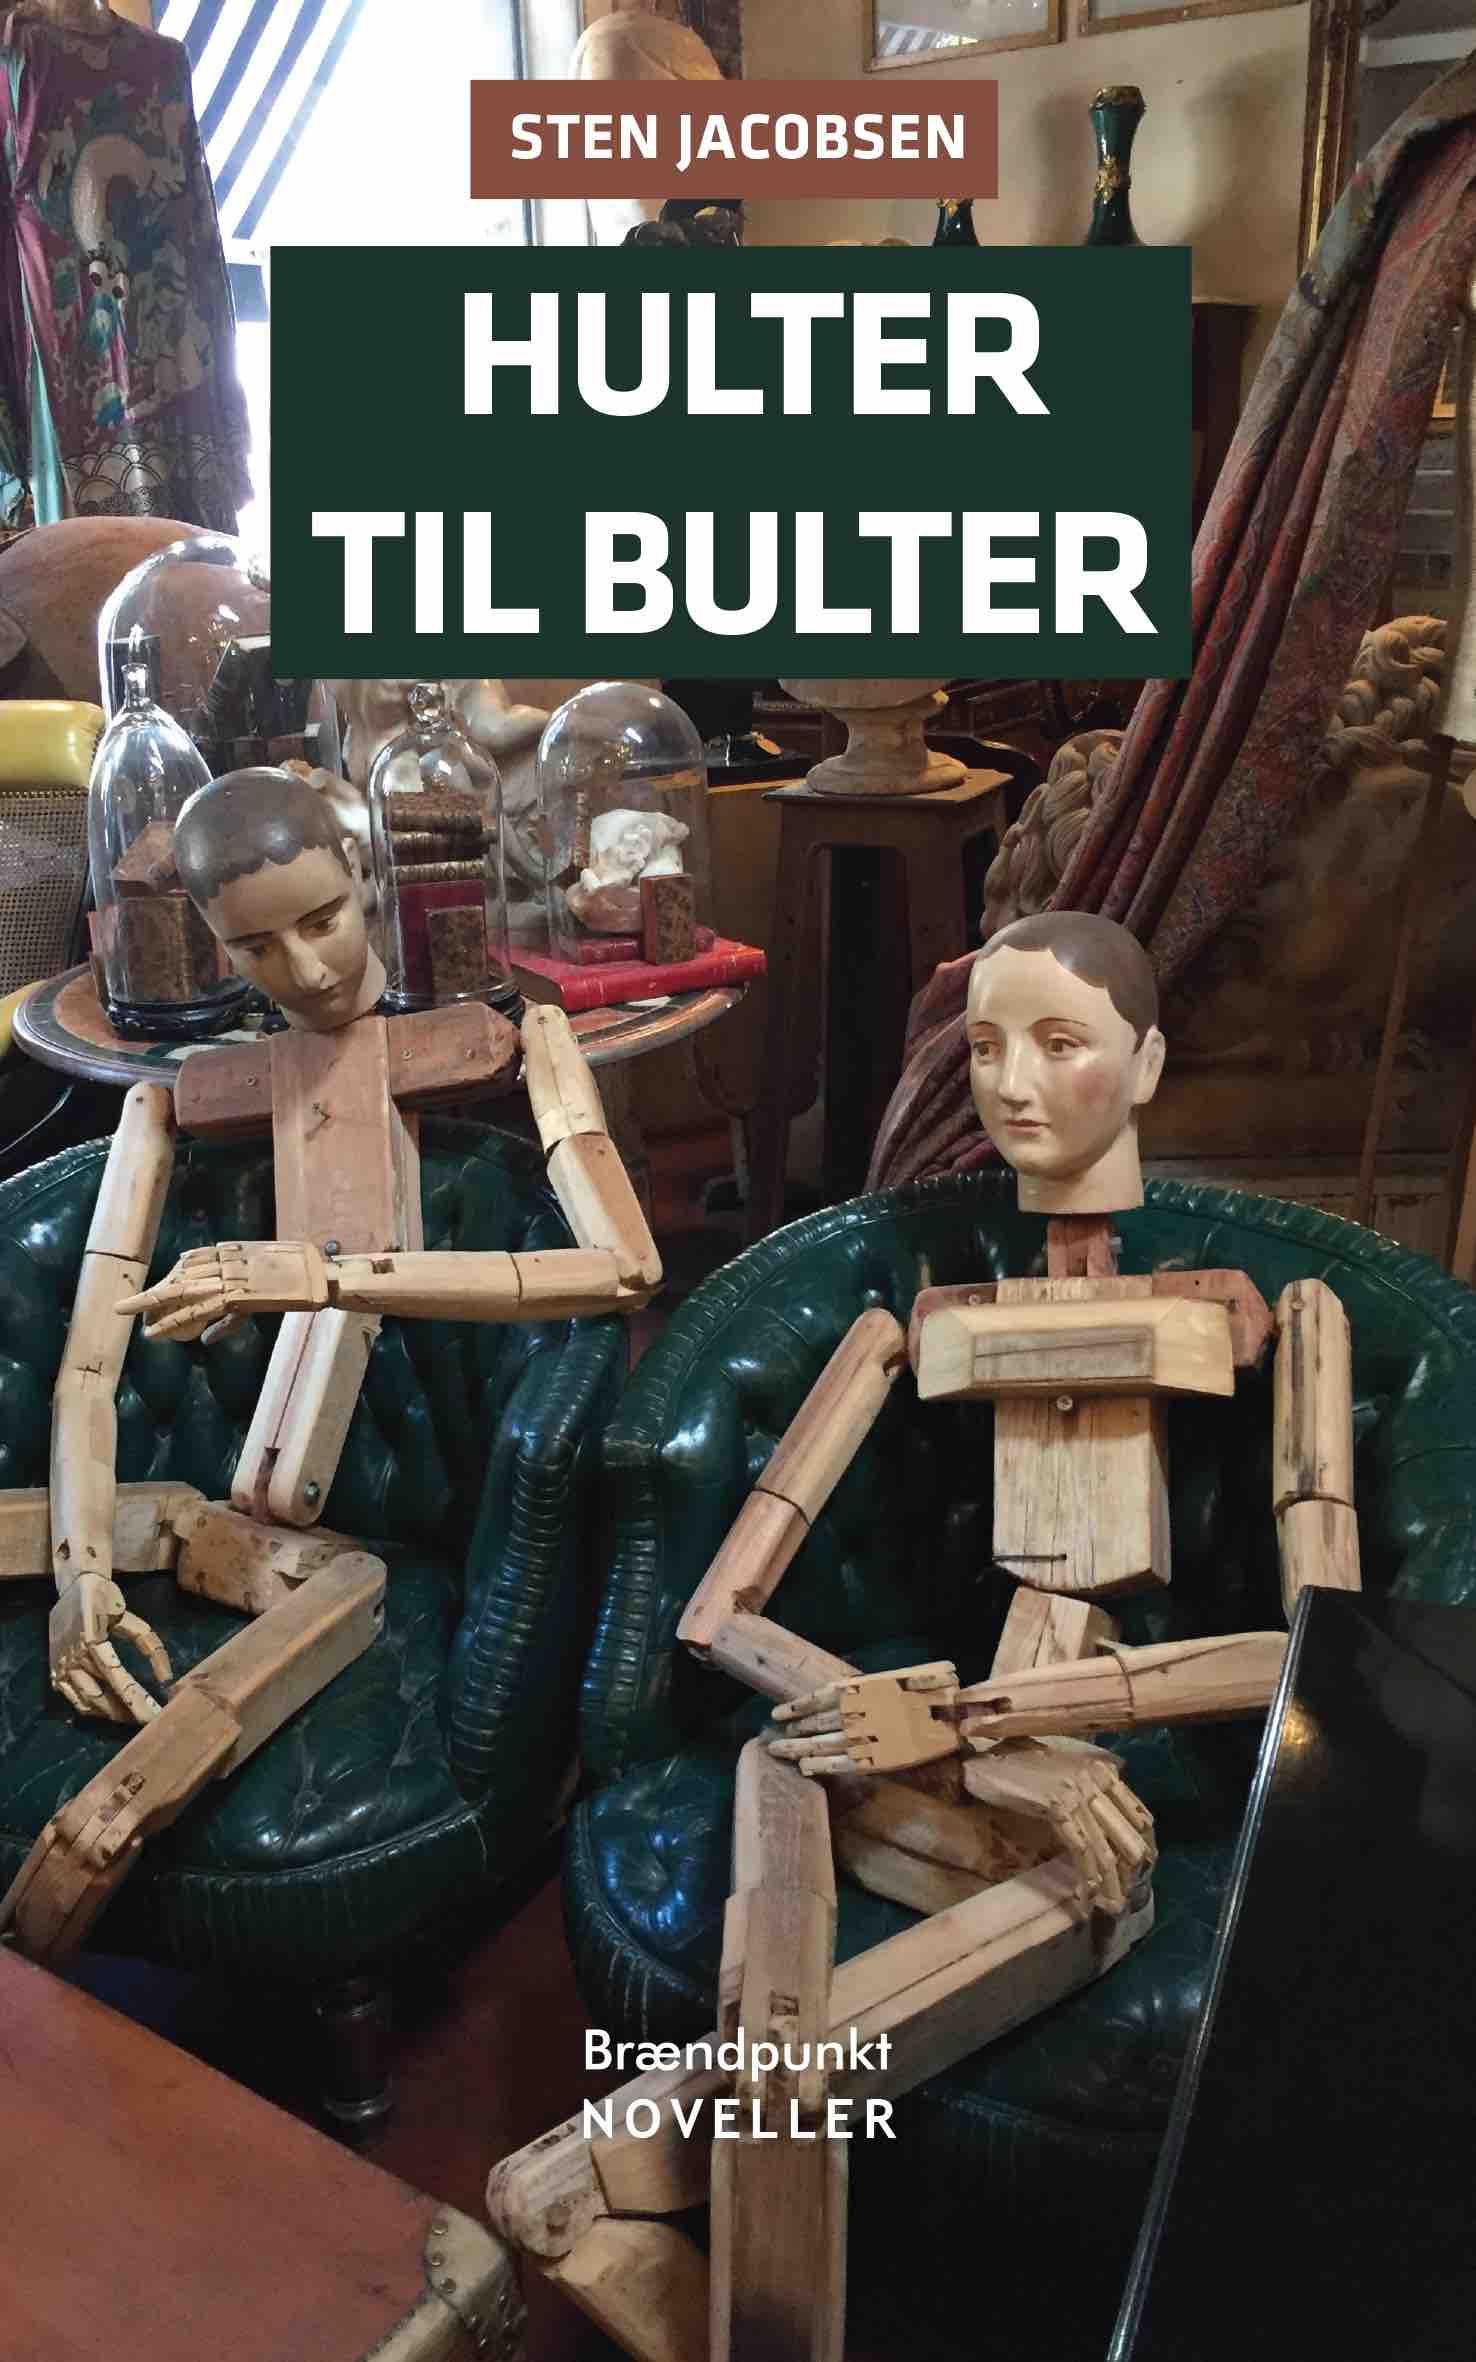 Hulter til bulter - Sten Jacobsen - Bøger - Brændpunkt - 9788793835429 - May 1, 2020